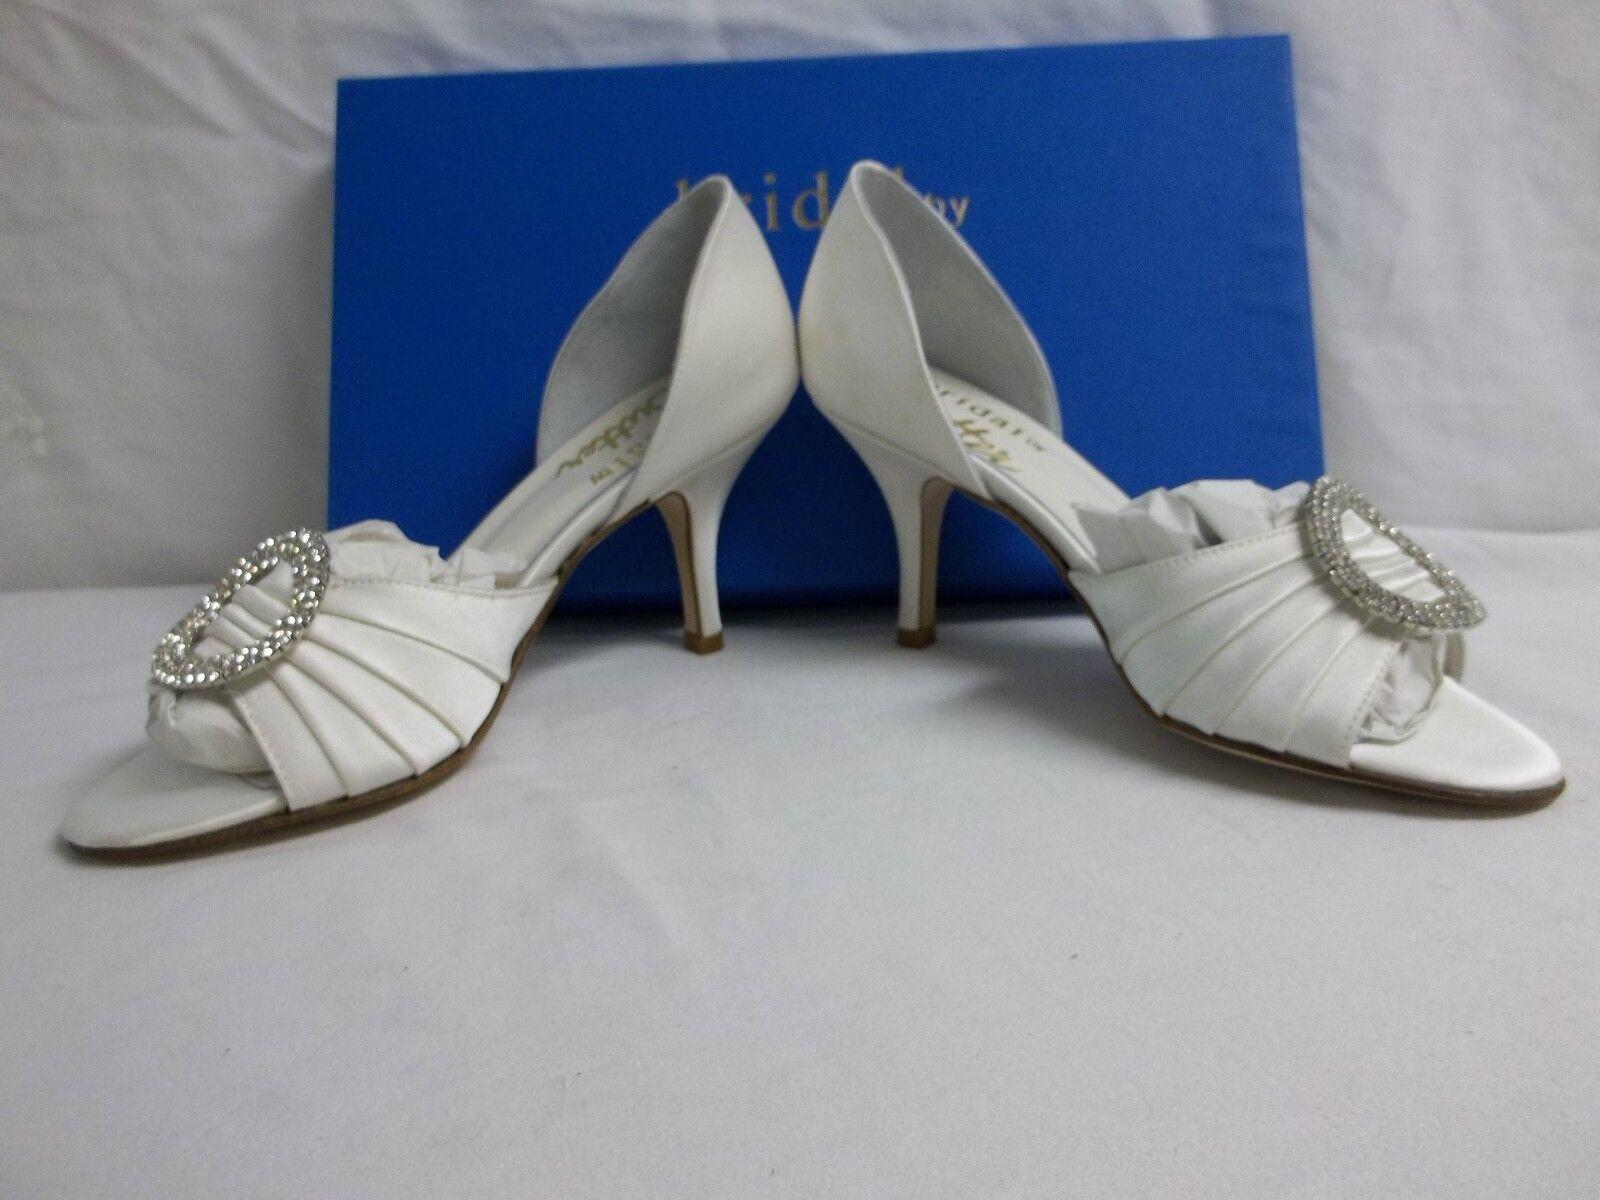 Bridal By Butter Größe 5 M M 5 Weiß Satin Open Toes Pumps Heels New Damenschuhe Schuhes 9080e5